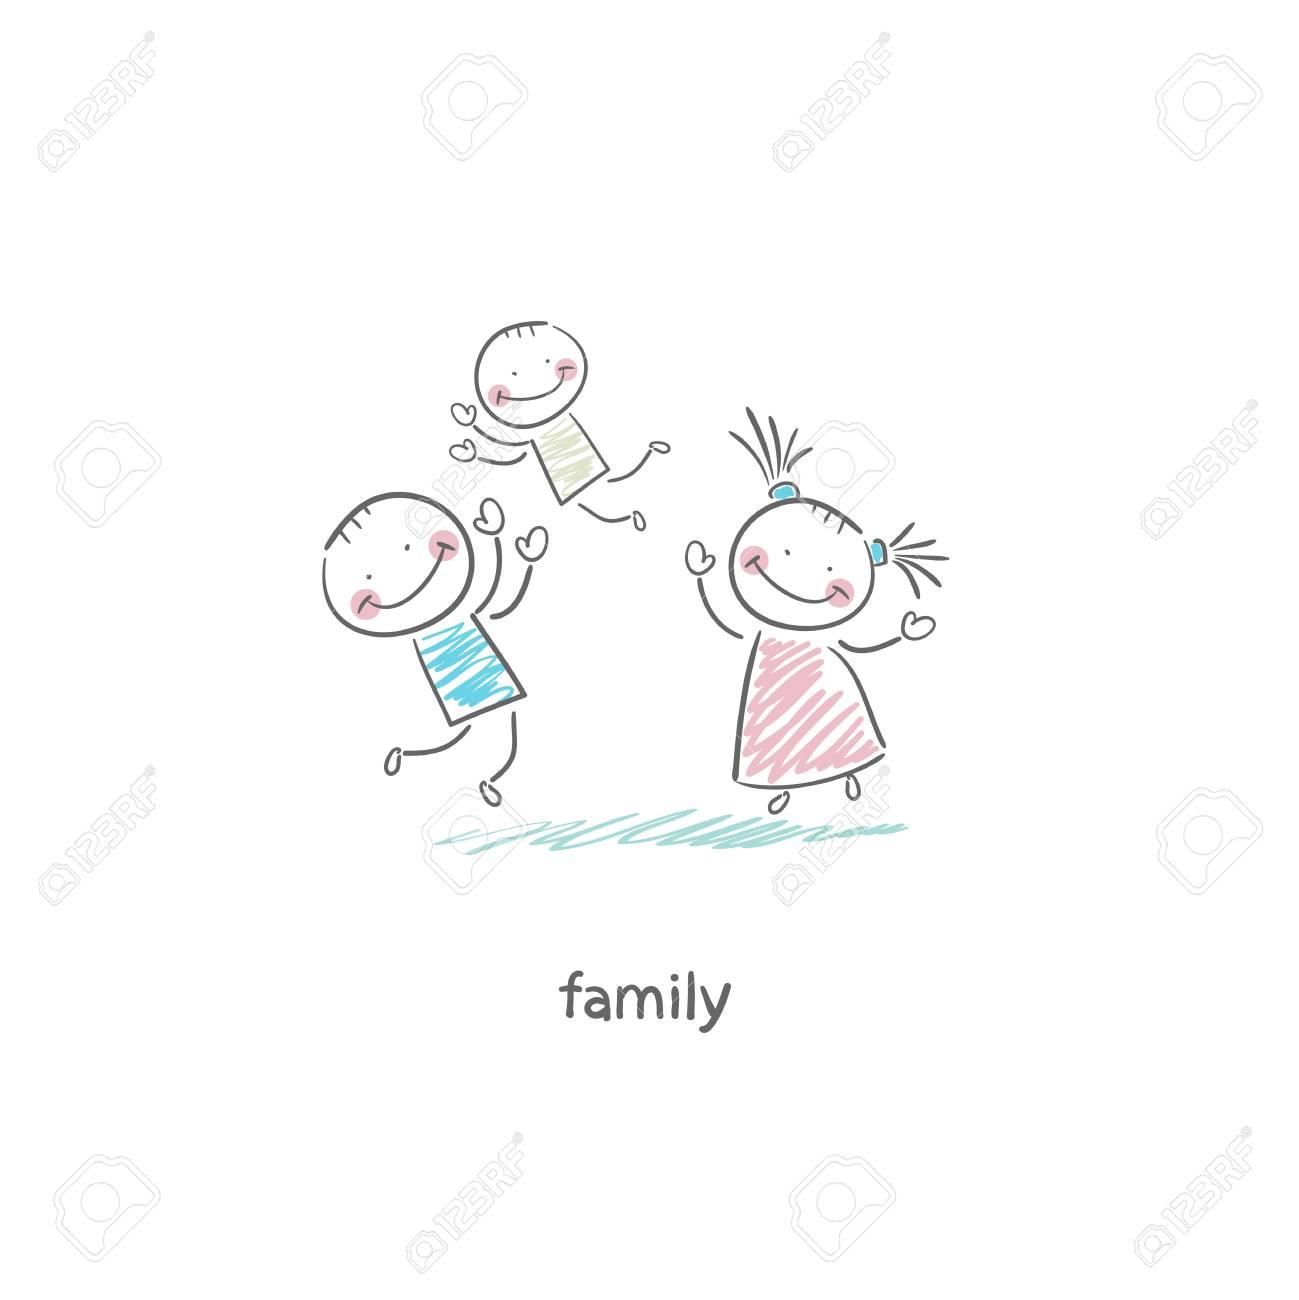 幸せな家族イラスト の写真素材画像素材 Image 18716793